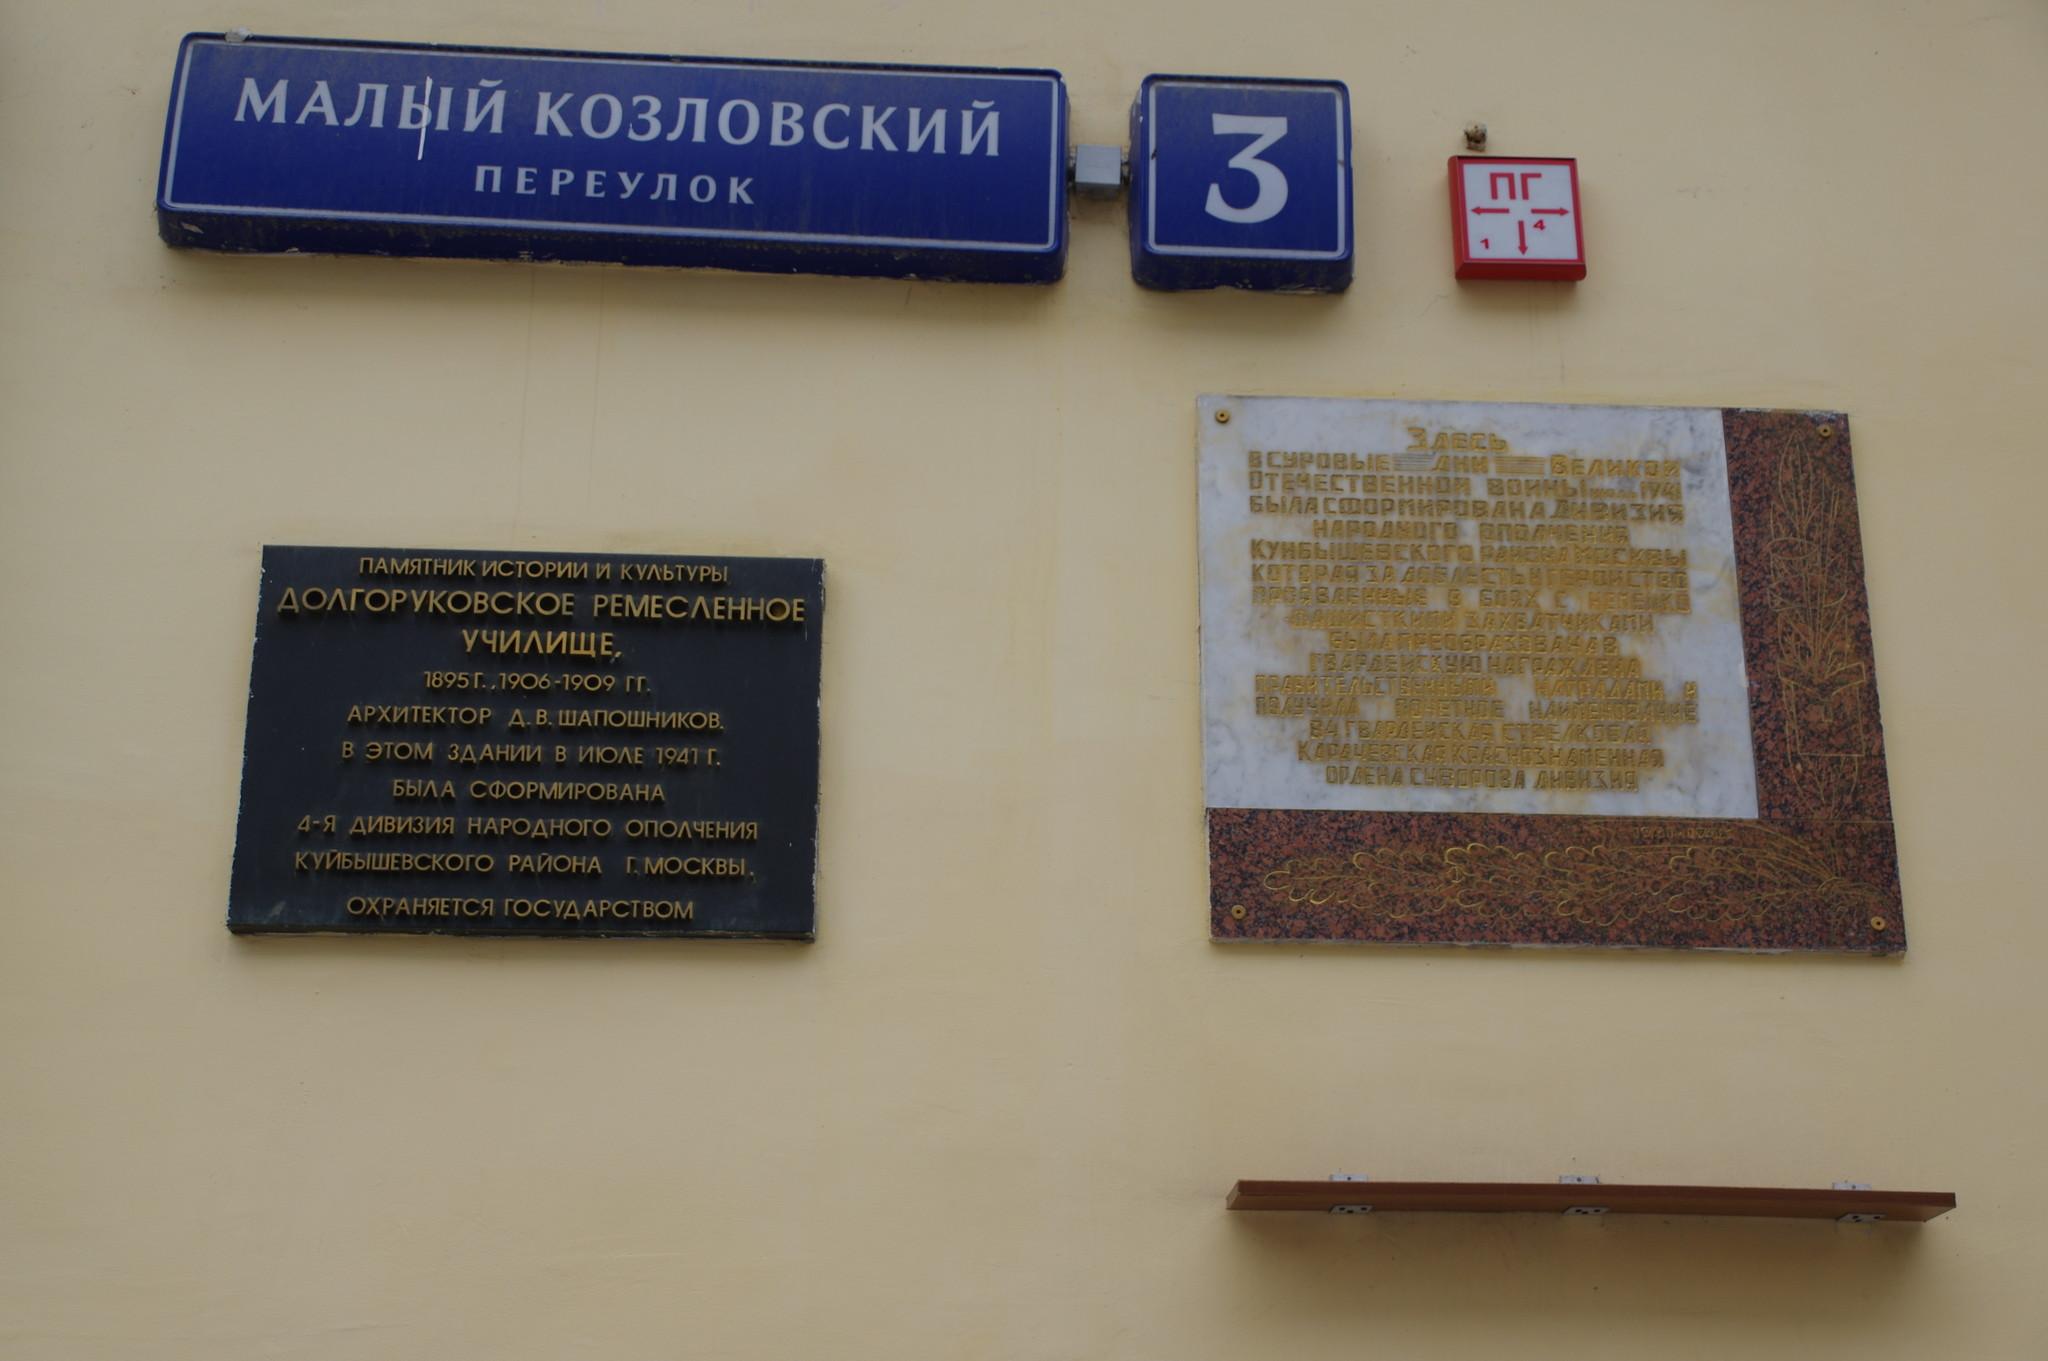 Государственное бюджетное общеобразовательное учреждение города Москвы «Школа № 1621 Древо Жизни» (Малый Козловский переулок, дом 3)